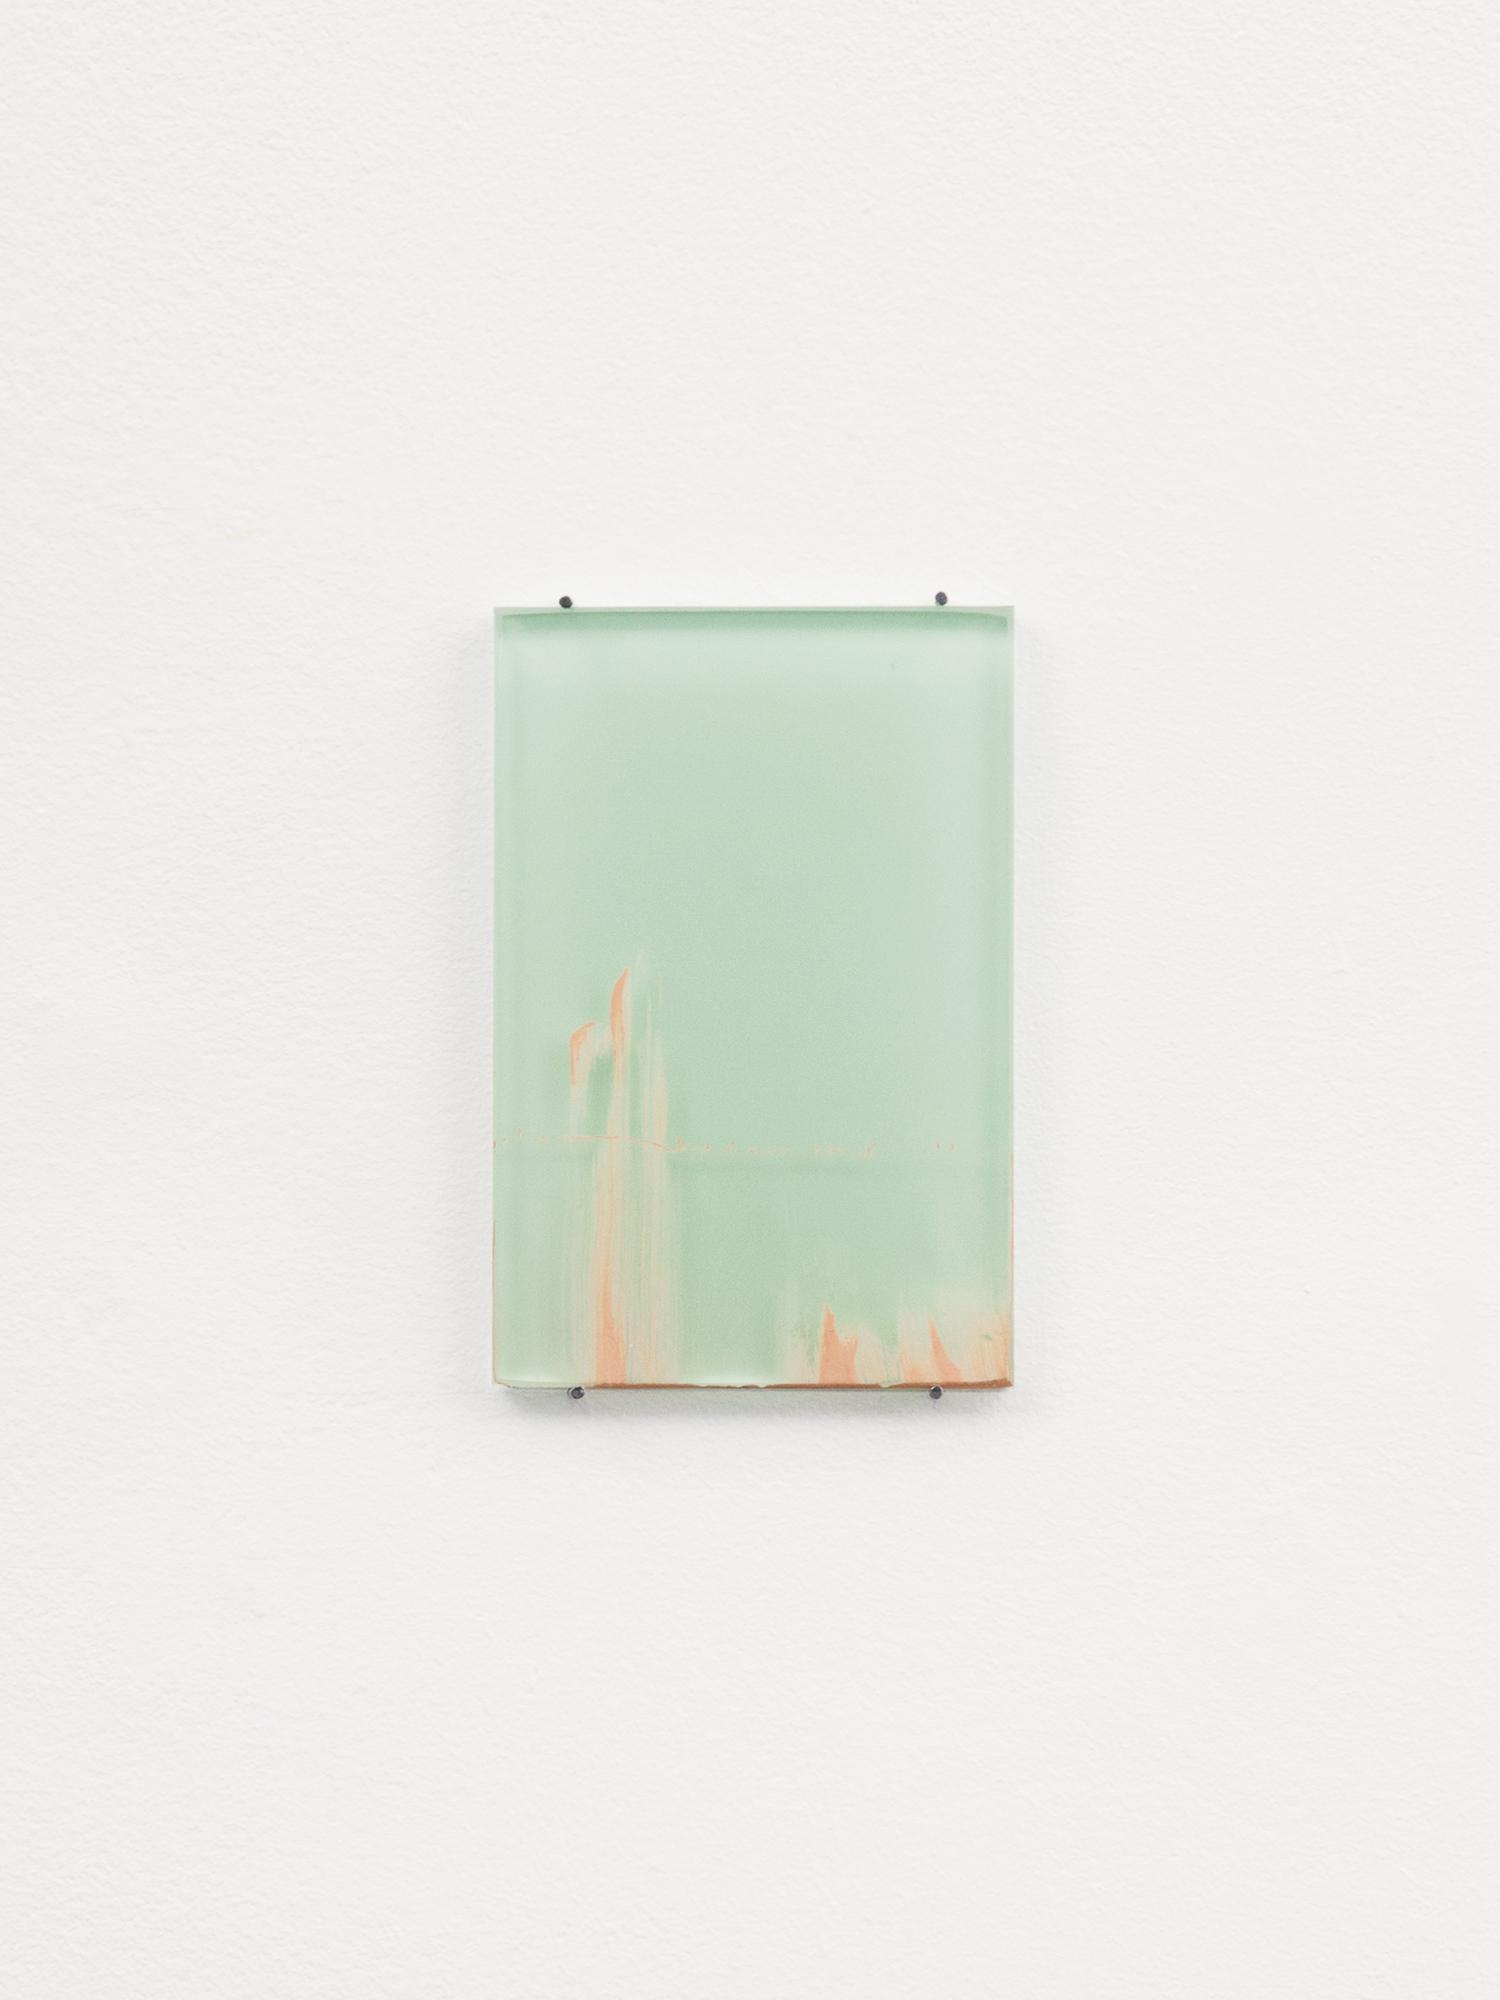 Untitled, 2018 Matt emulsion on glass sample  9 x 6 cm